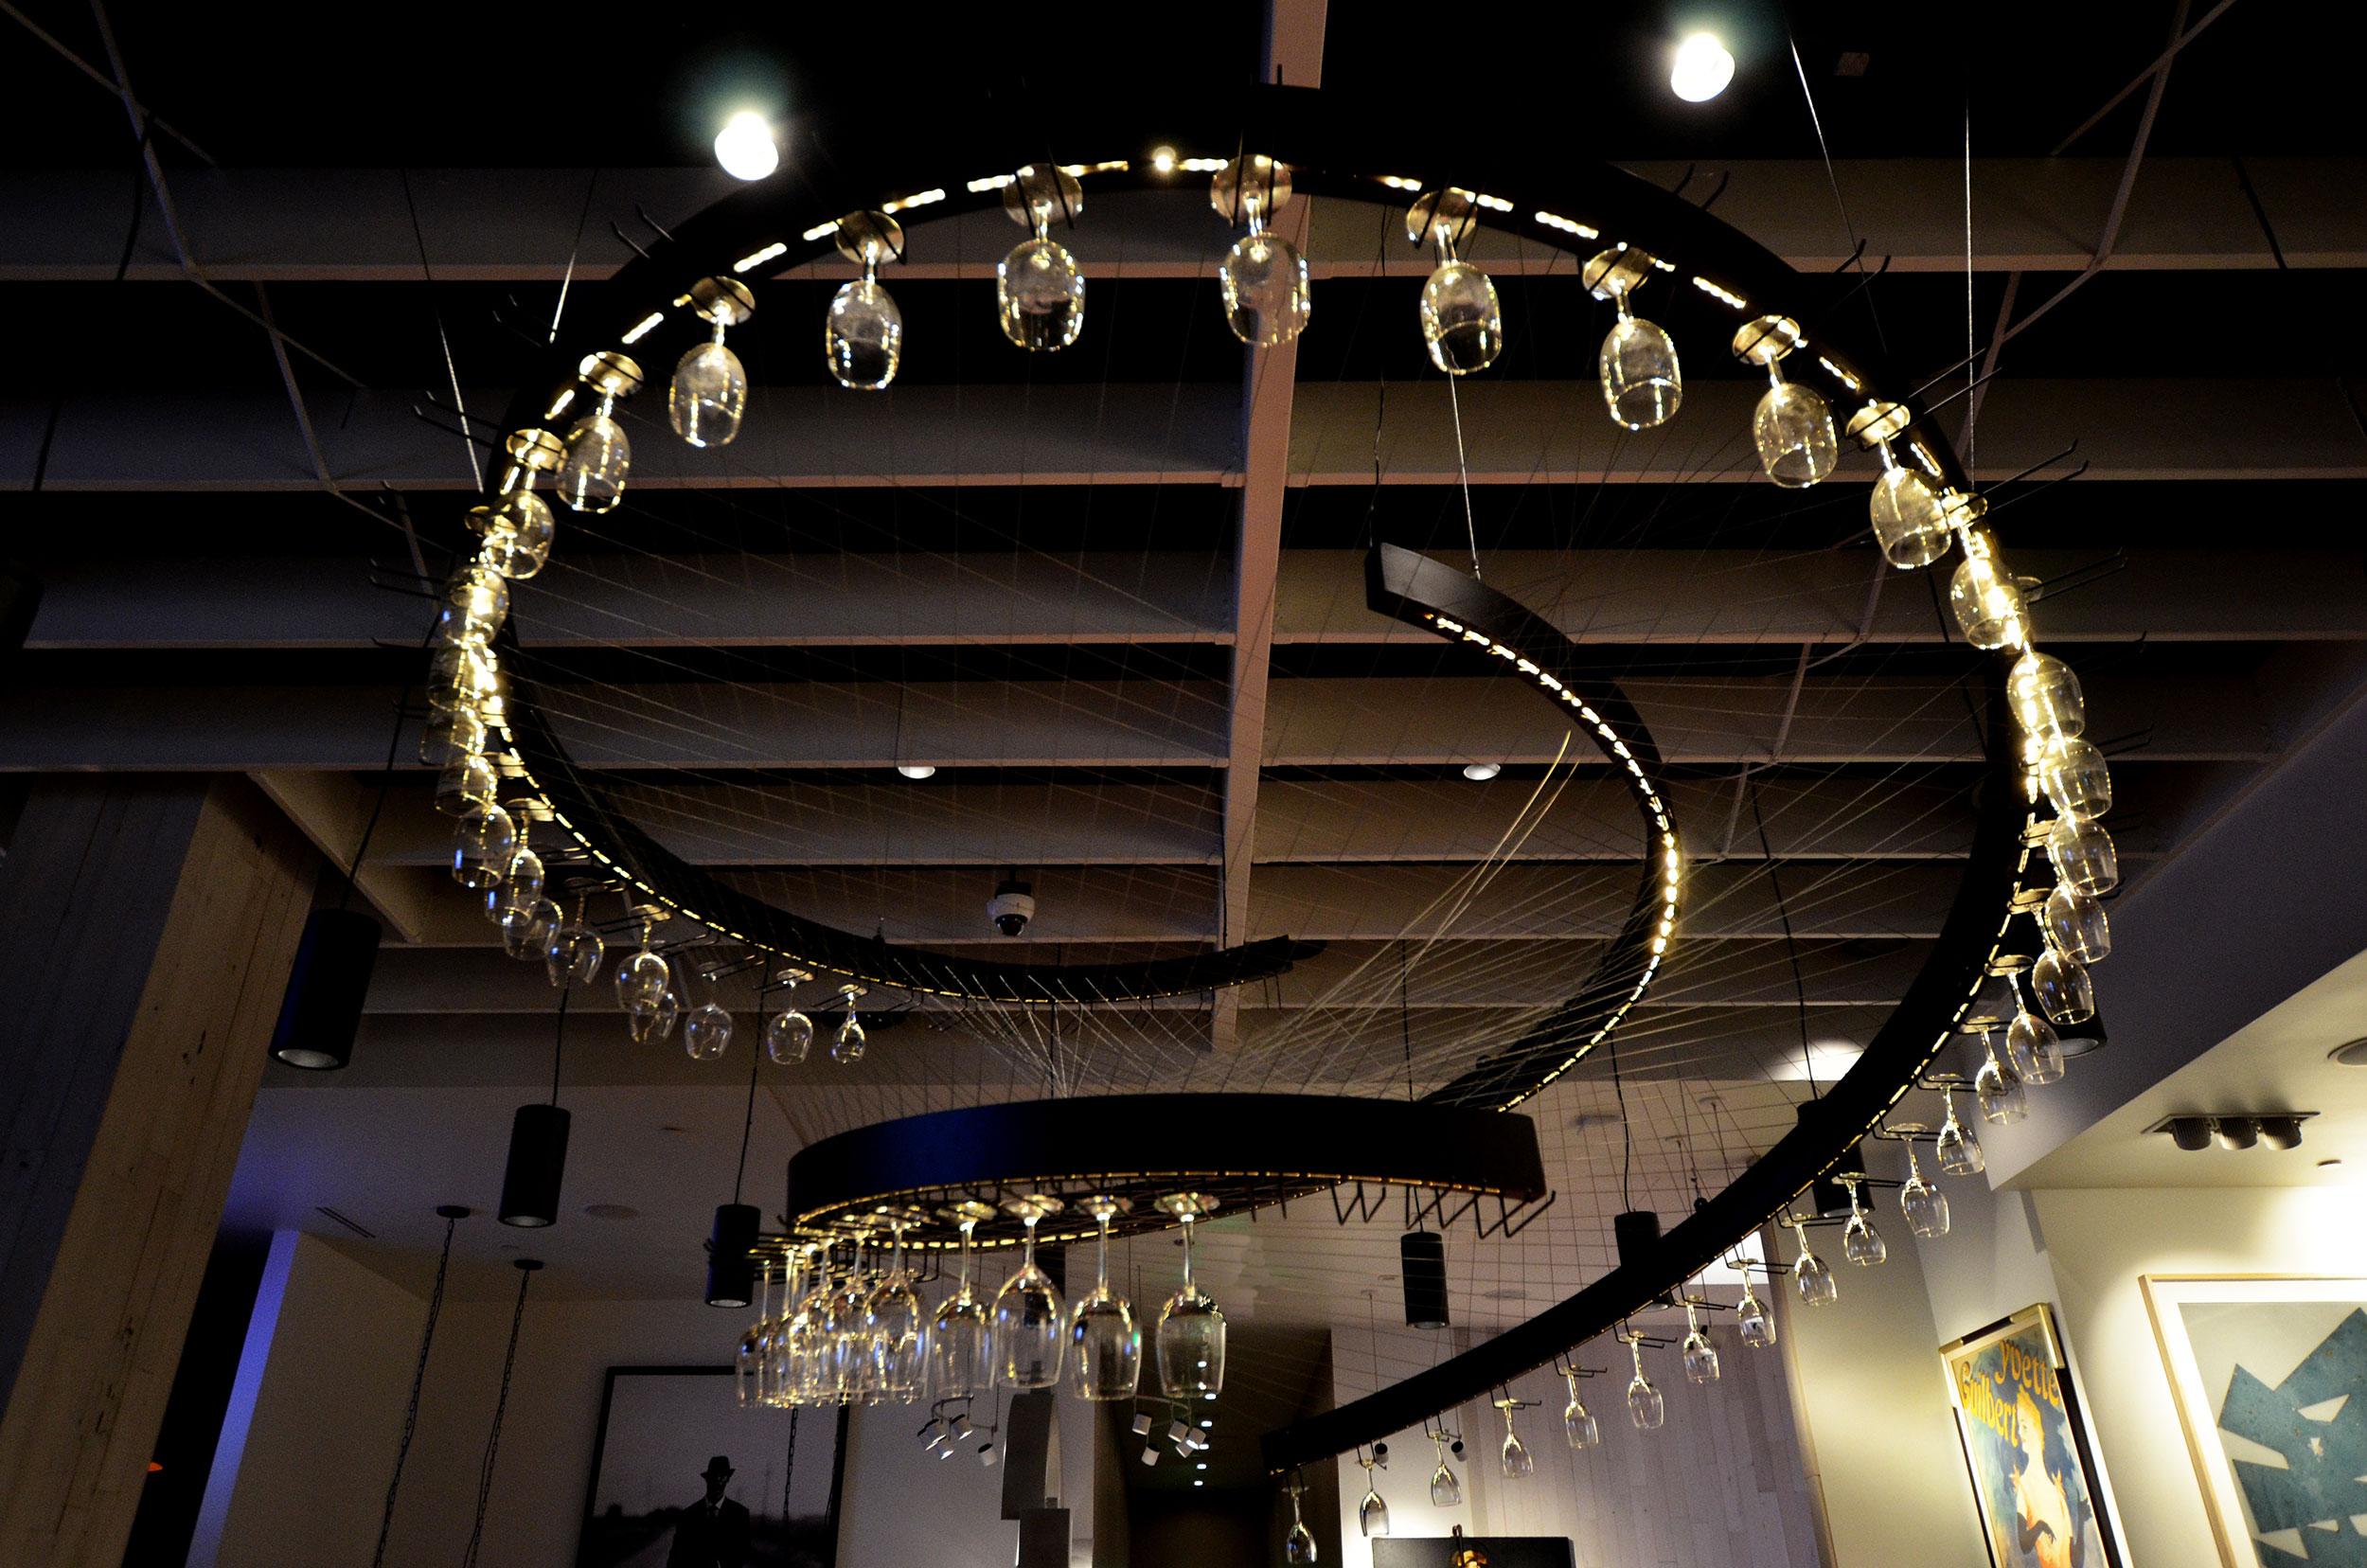 15112-hals-bar_grill_chandelier-03.jpg